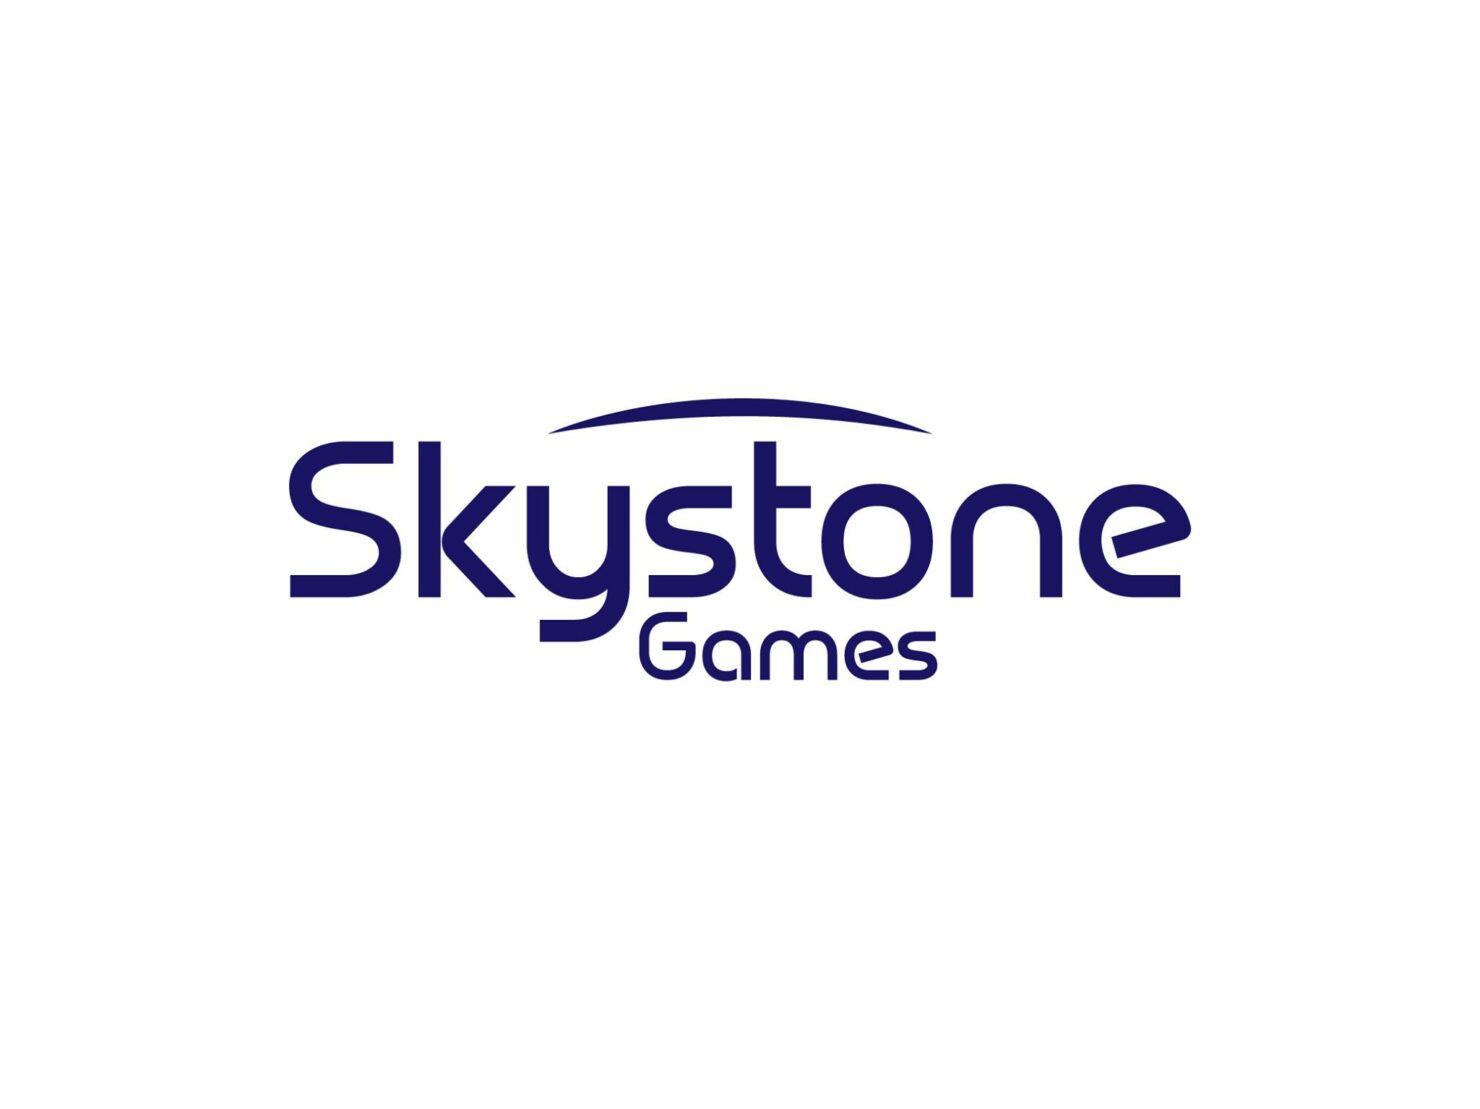 David Brevik Skystone Games